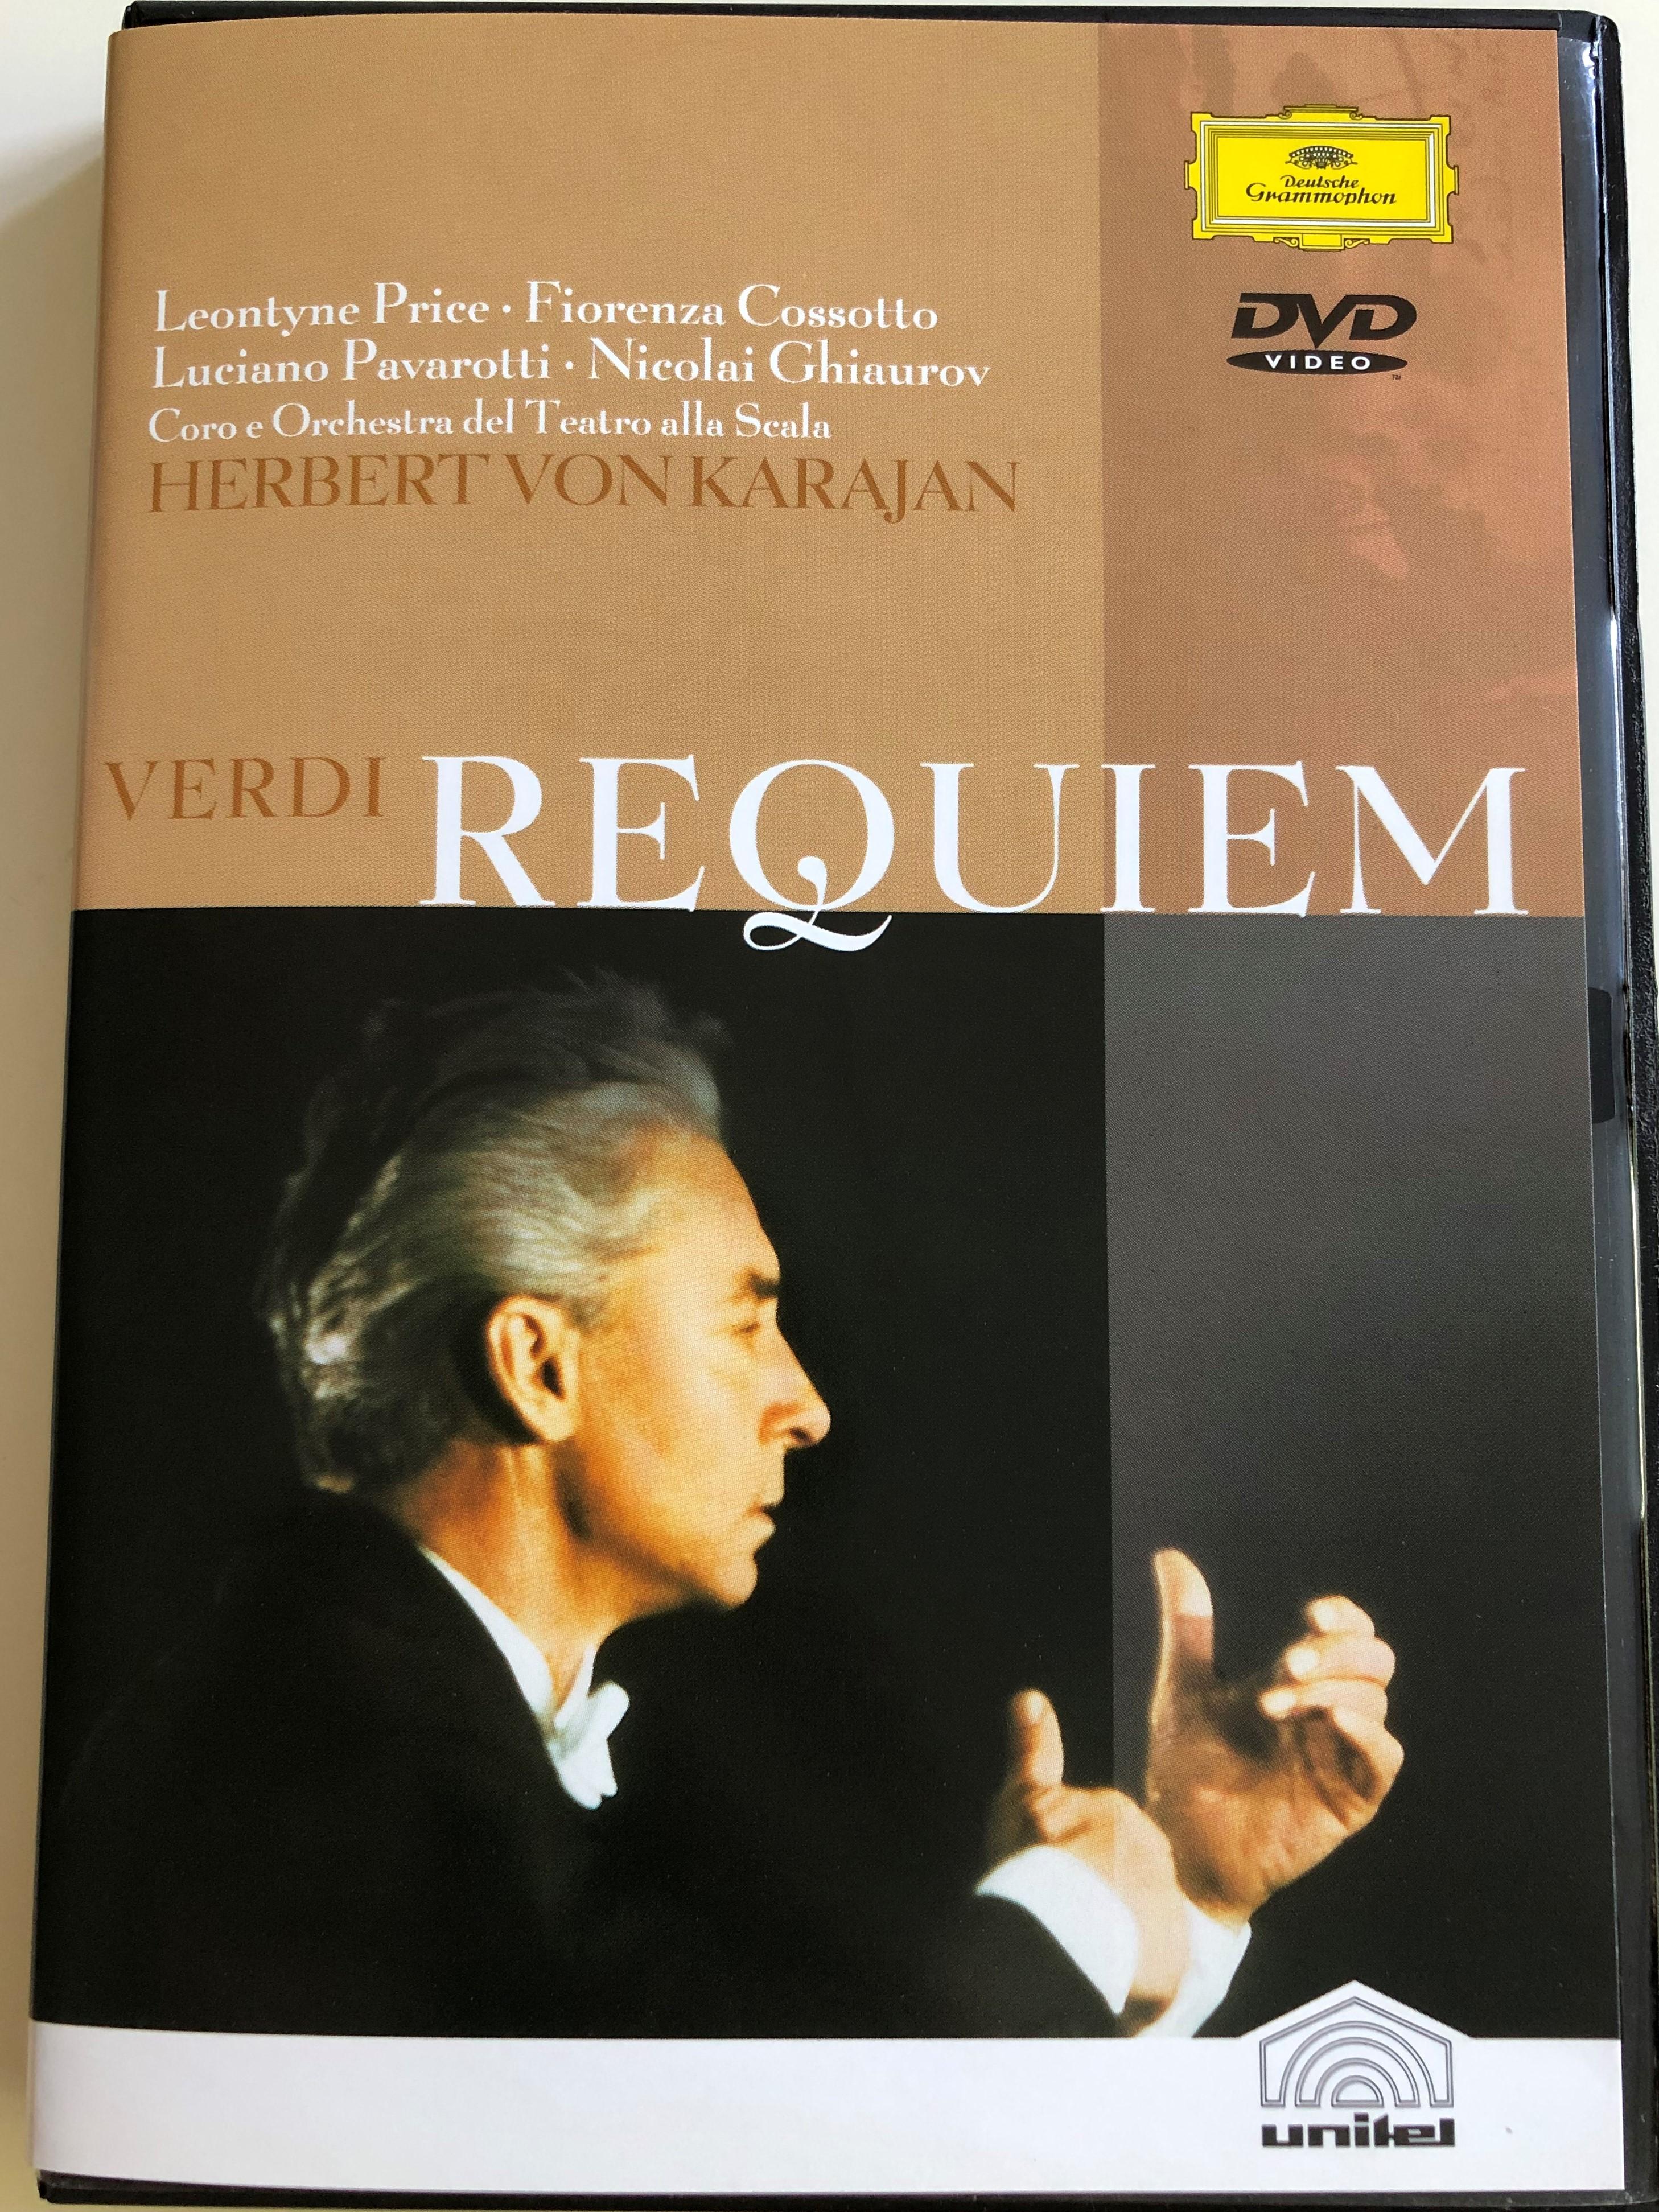 verdi-requiem-leontyne-price-fiorenza-cossotto-luciano-pavarotti-nicolai-ghiaurov-coro-e-orchestra-del-teatro-alla-scala-conducted-by-herbert-von-karajan-1-.jpg